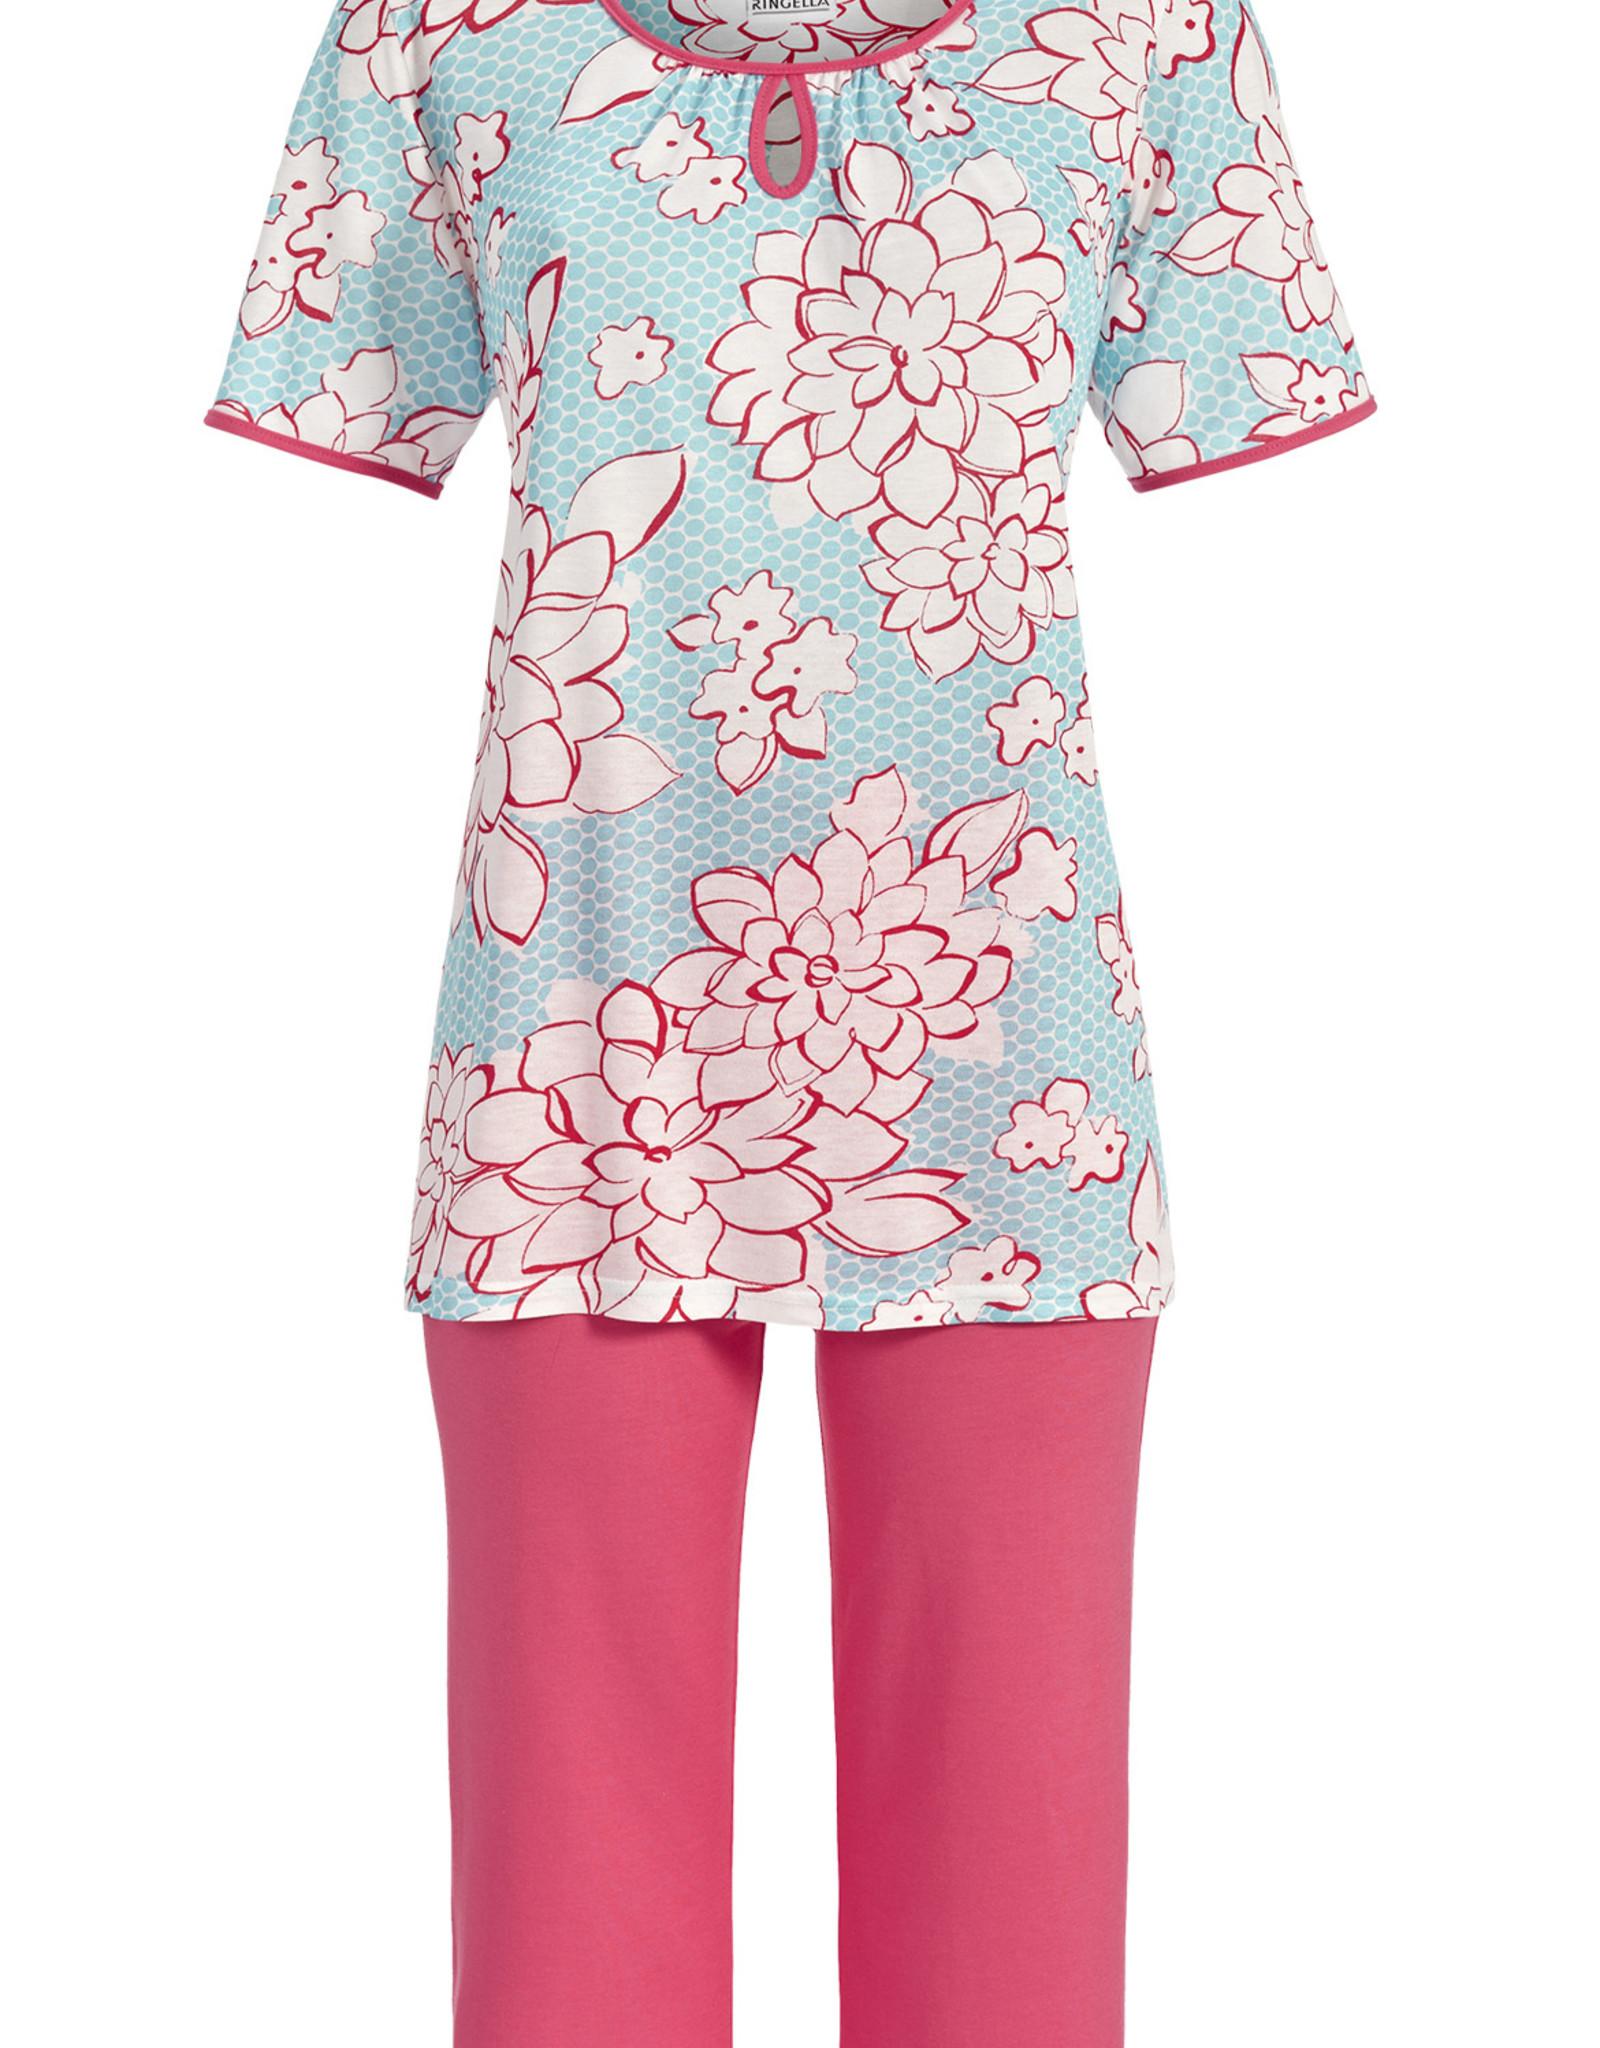 Ringella Ringella dames pyjama, korte mouw, caribic